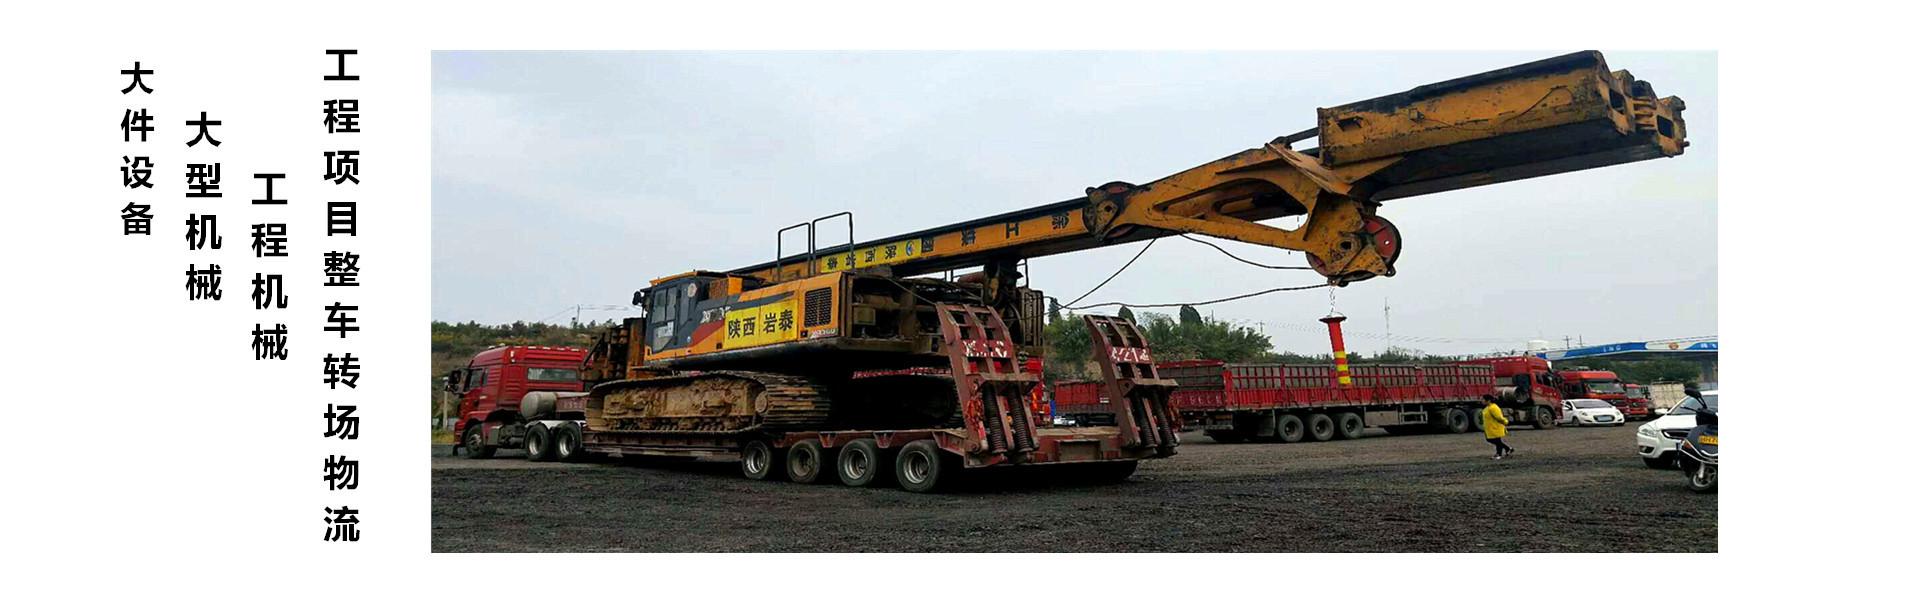 大型機械,工程機械運輸